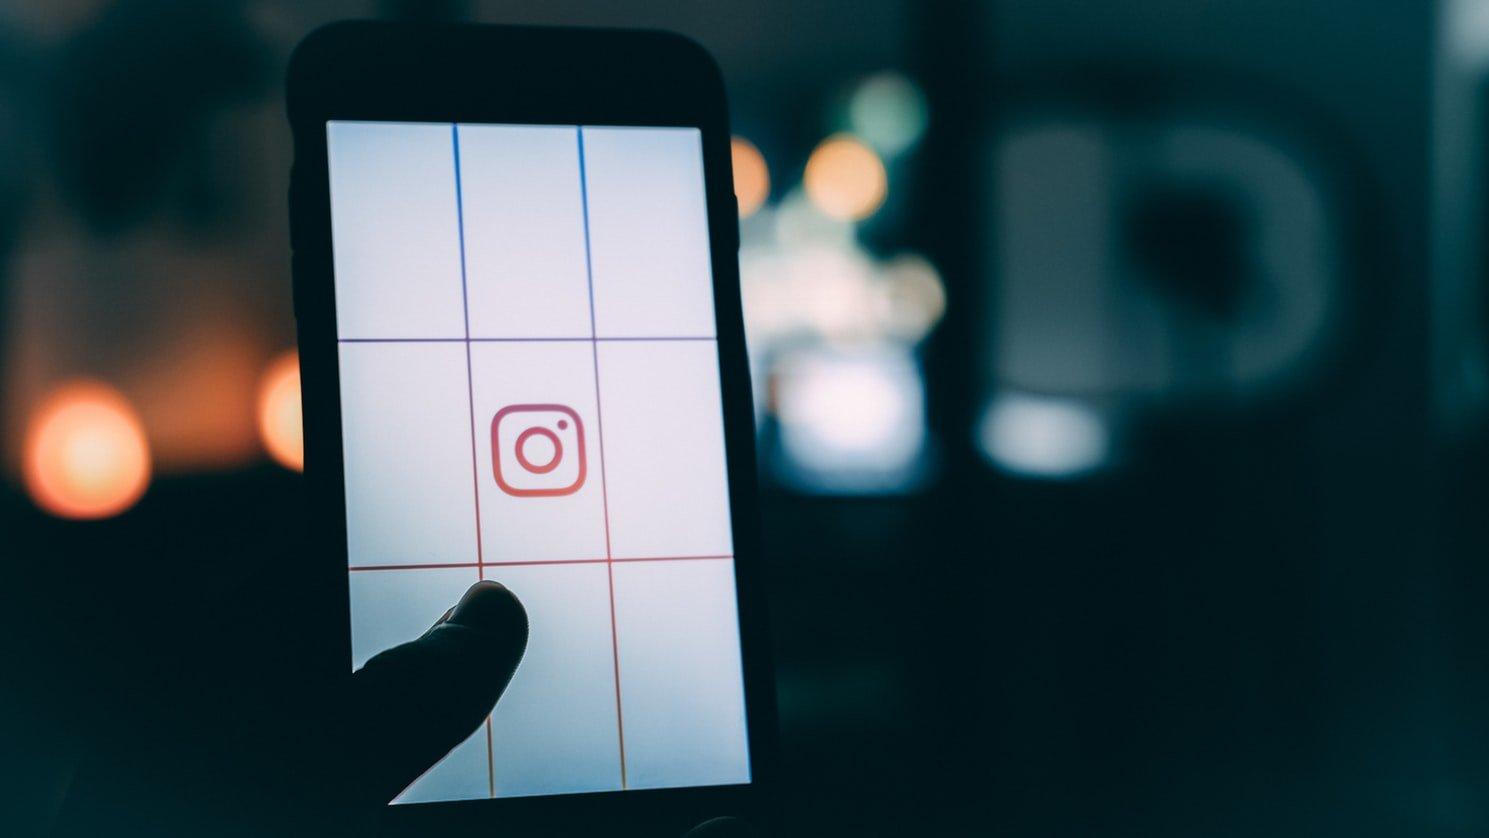 Instagram Copywriting Guide [Bios, Captions, and Ads]